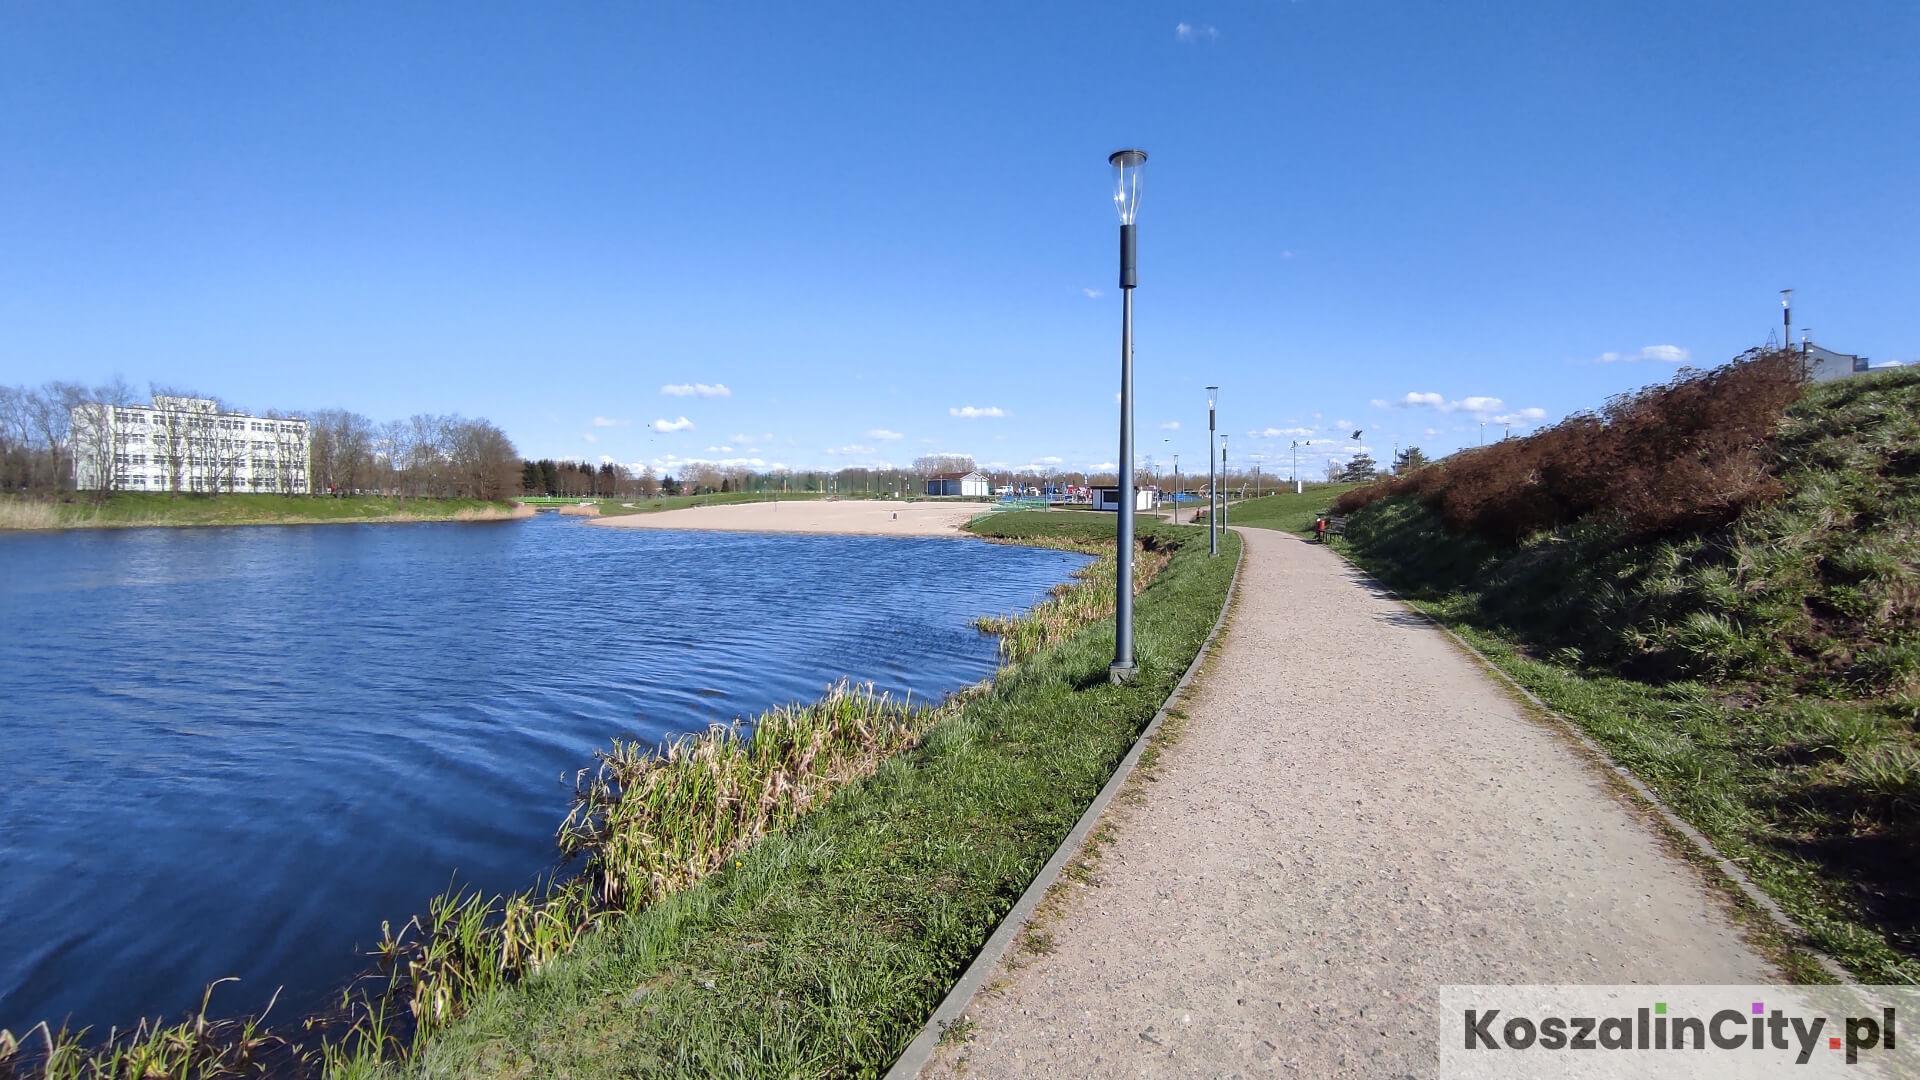 Alejki spacerowe wzdłuż zbiornika na Wodnej Dolinie w Koszalinie